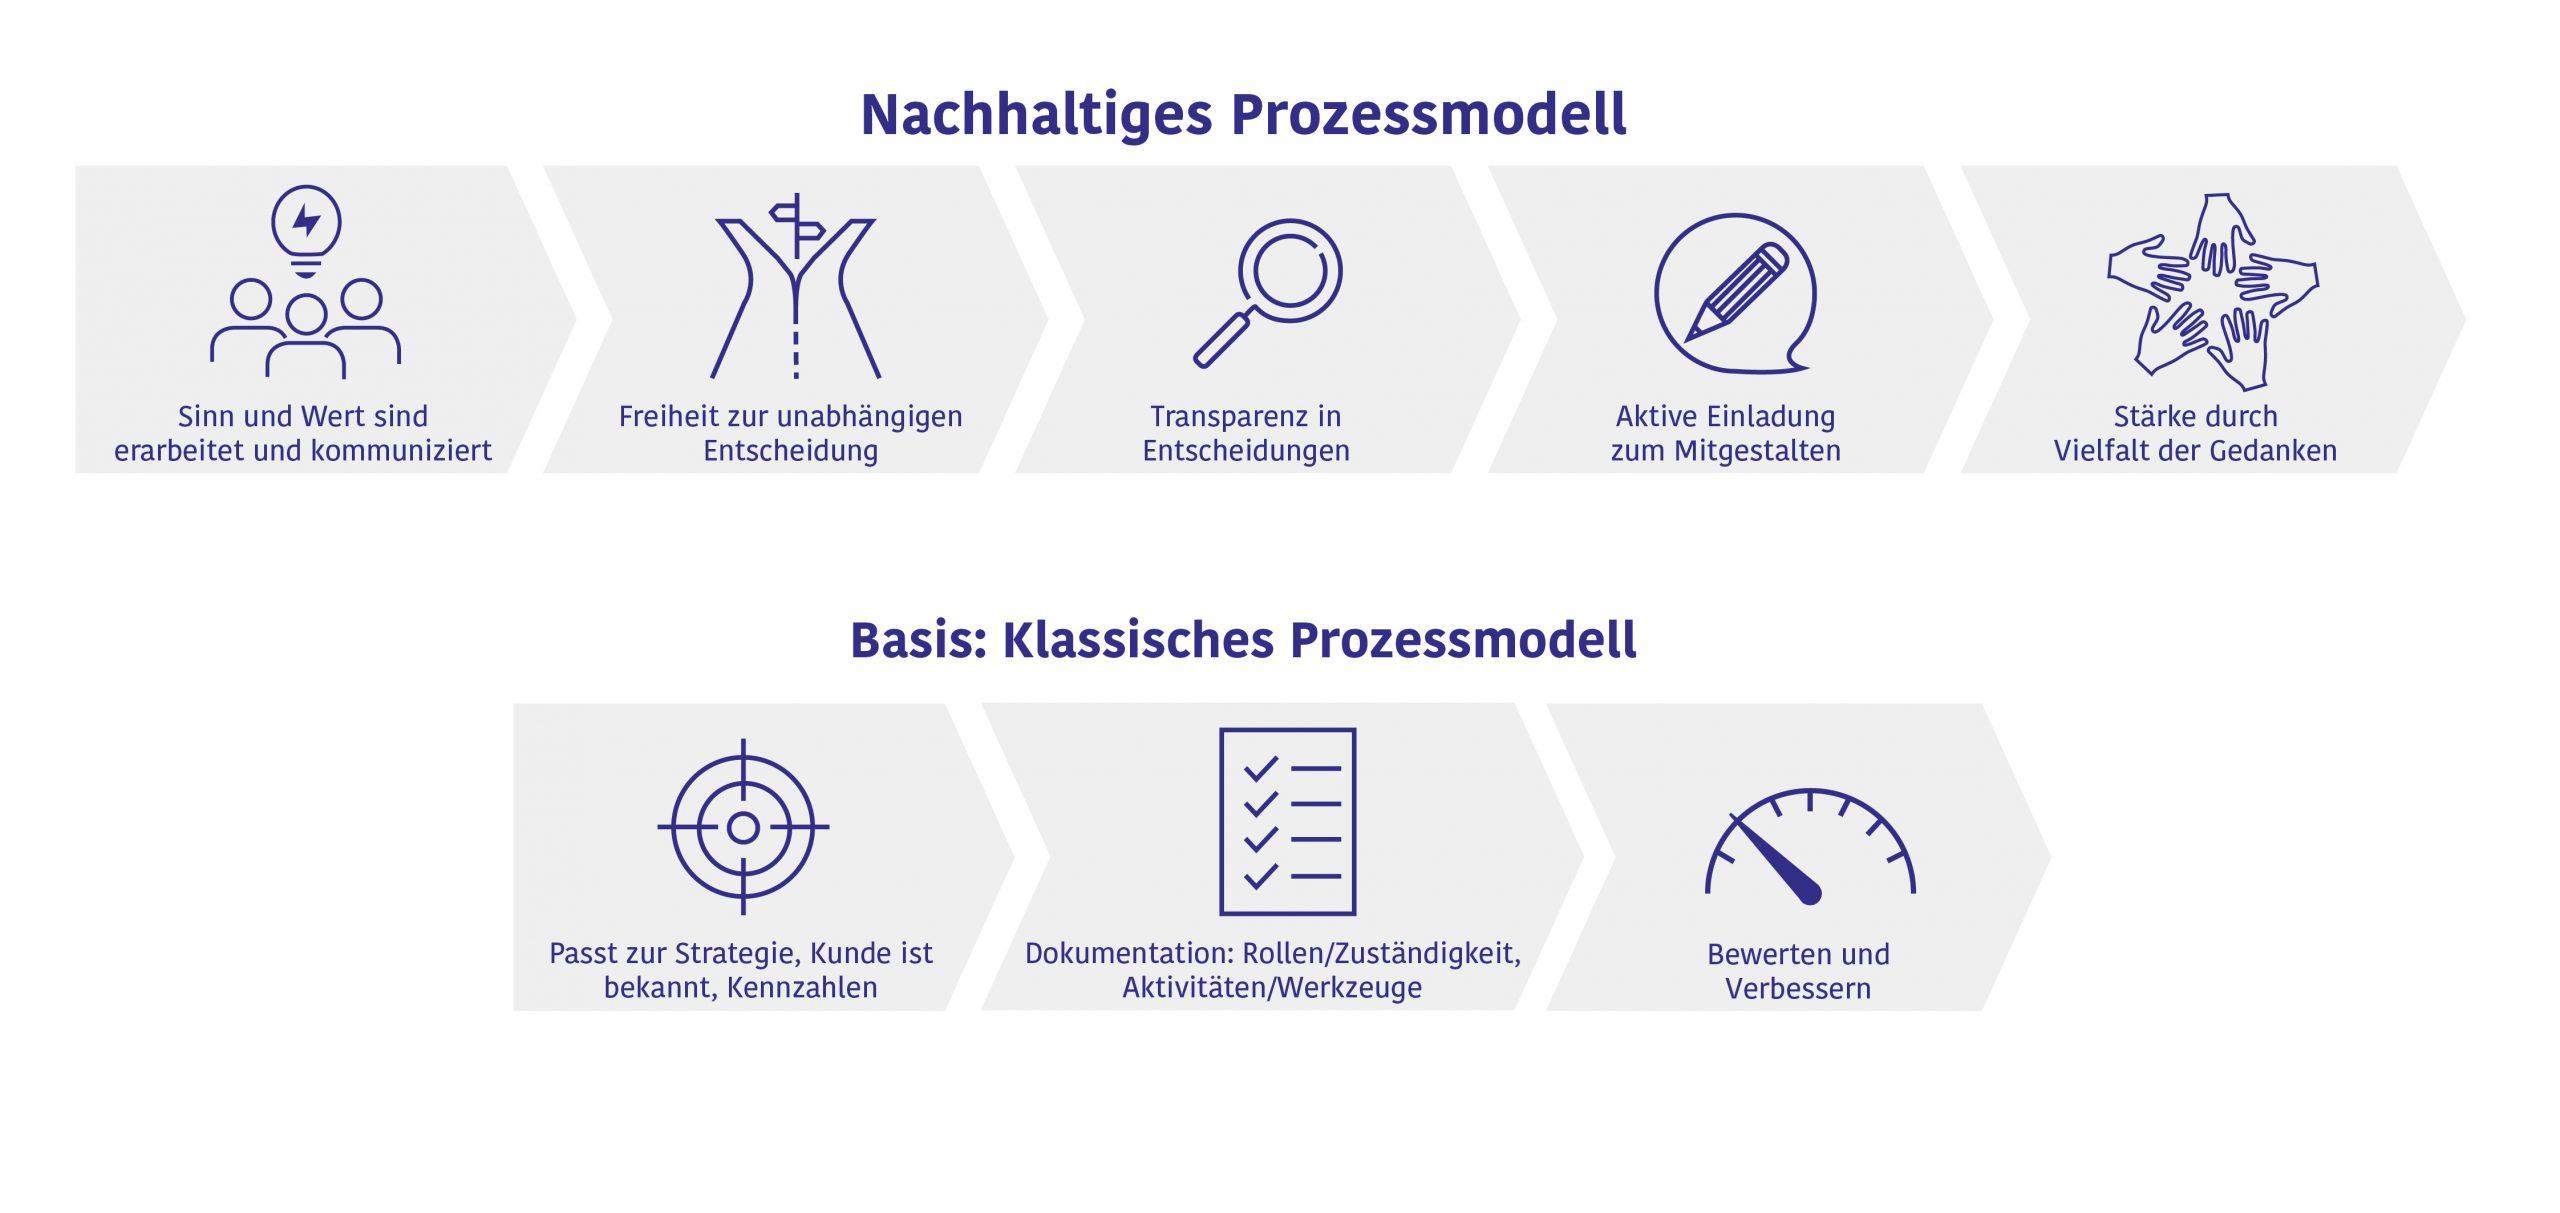 Uwe Philippeit - Seminar - Lieferantenmanagement - Qualitätsmanagement - QM - Beratung - Audit - Coaching - Auditierung - Prozessmodell - nachhaltig - agiles QM